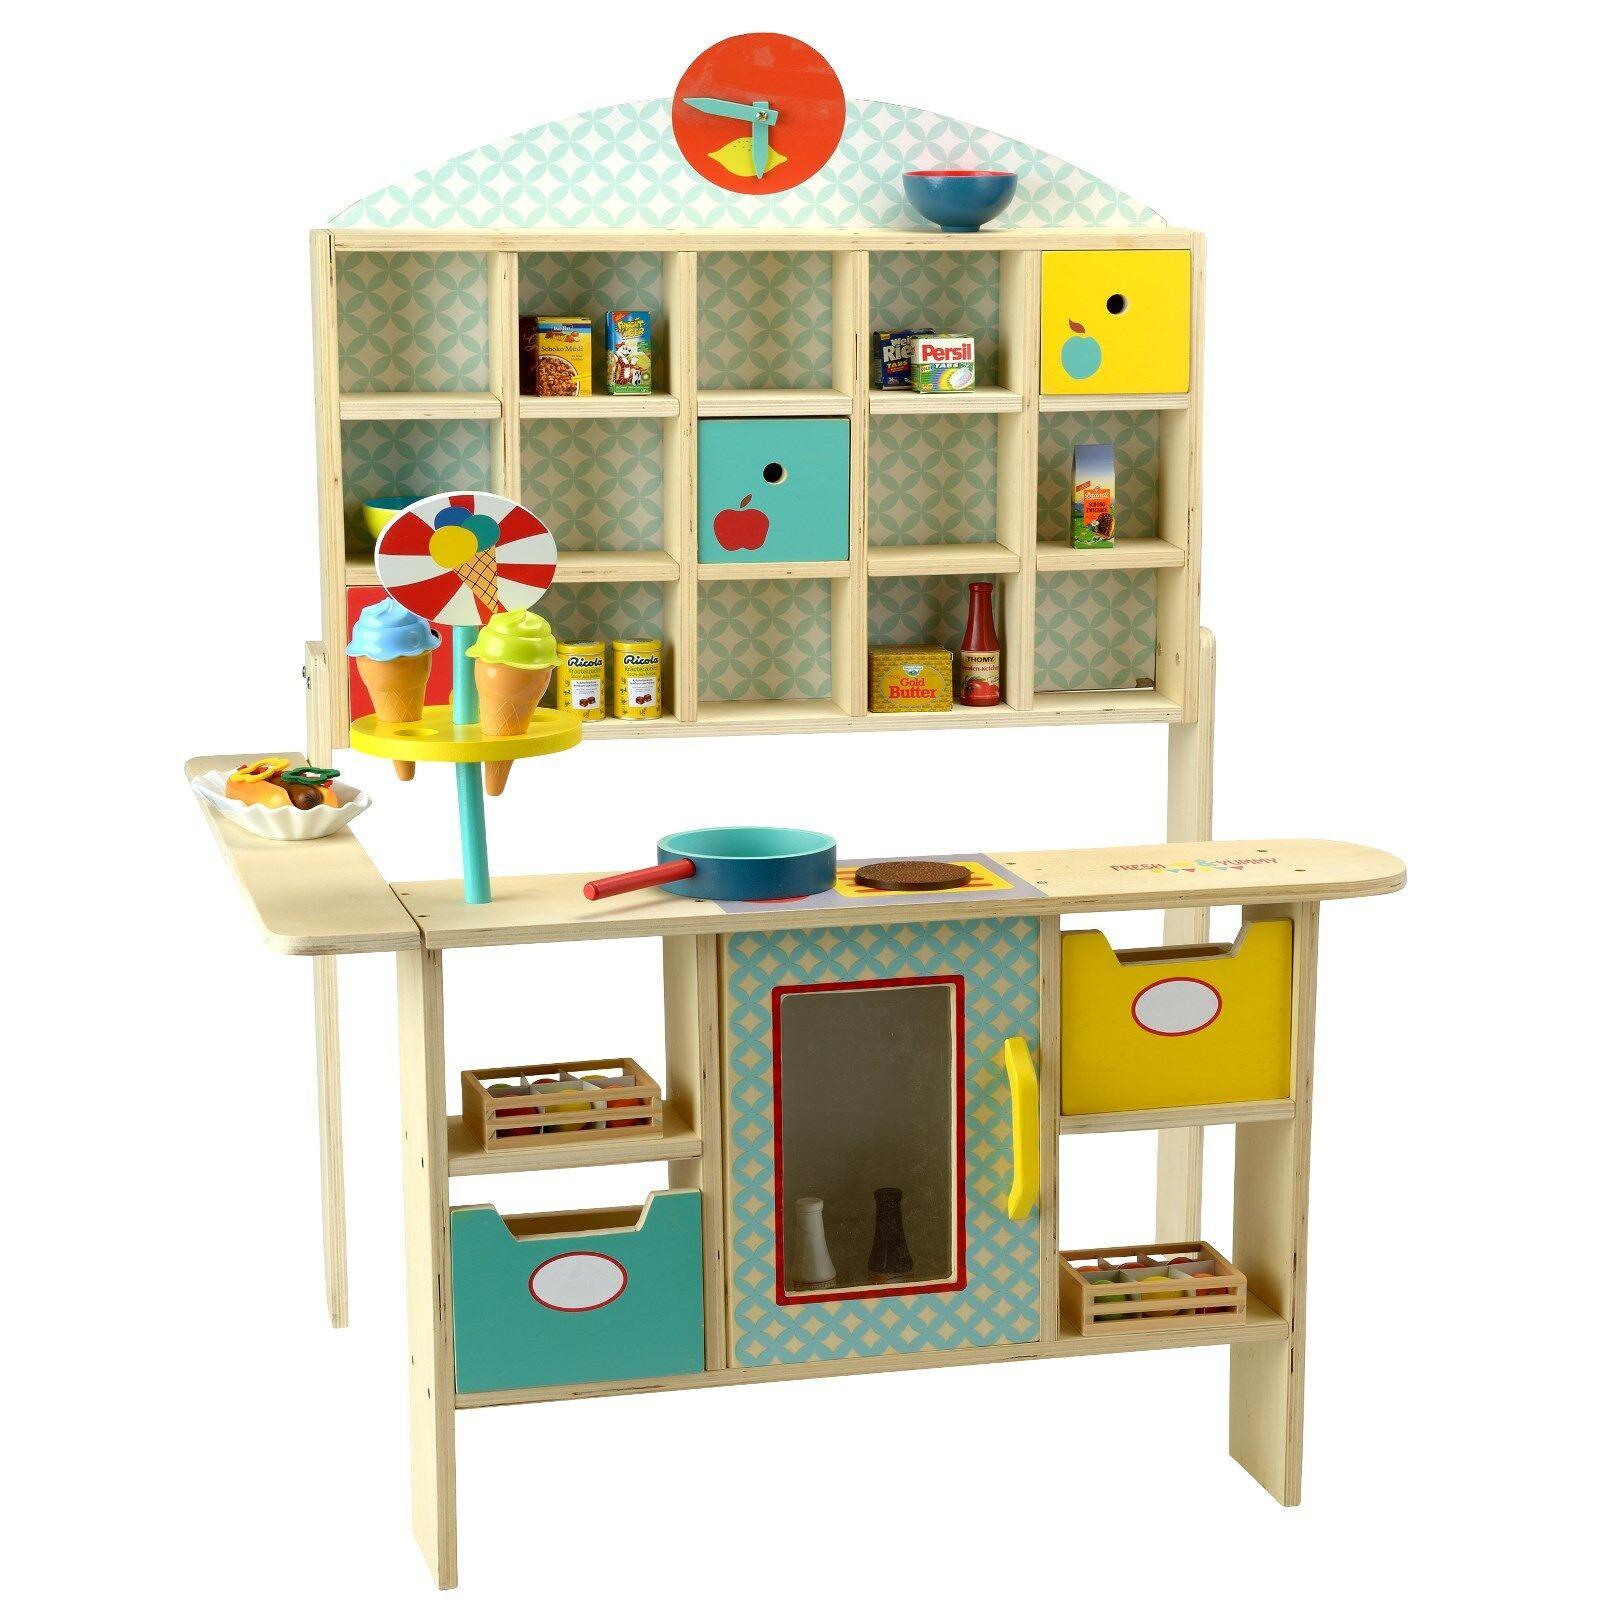 Kaufladen aus HolzKaufmannsladen Verkaufsstand Eisdiele Marktstand Marktstand Marktstand Kiosk Kinder 1c8a6f